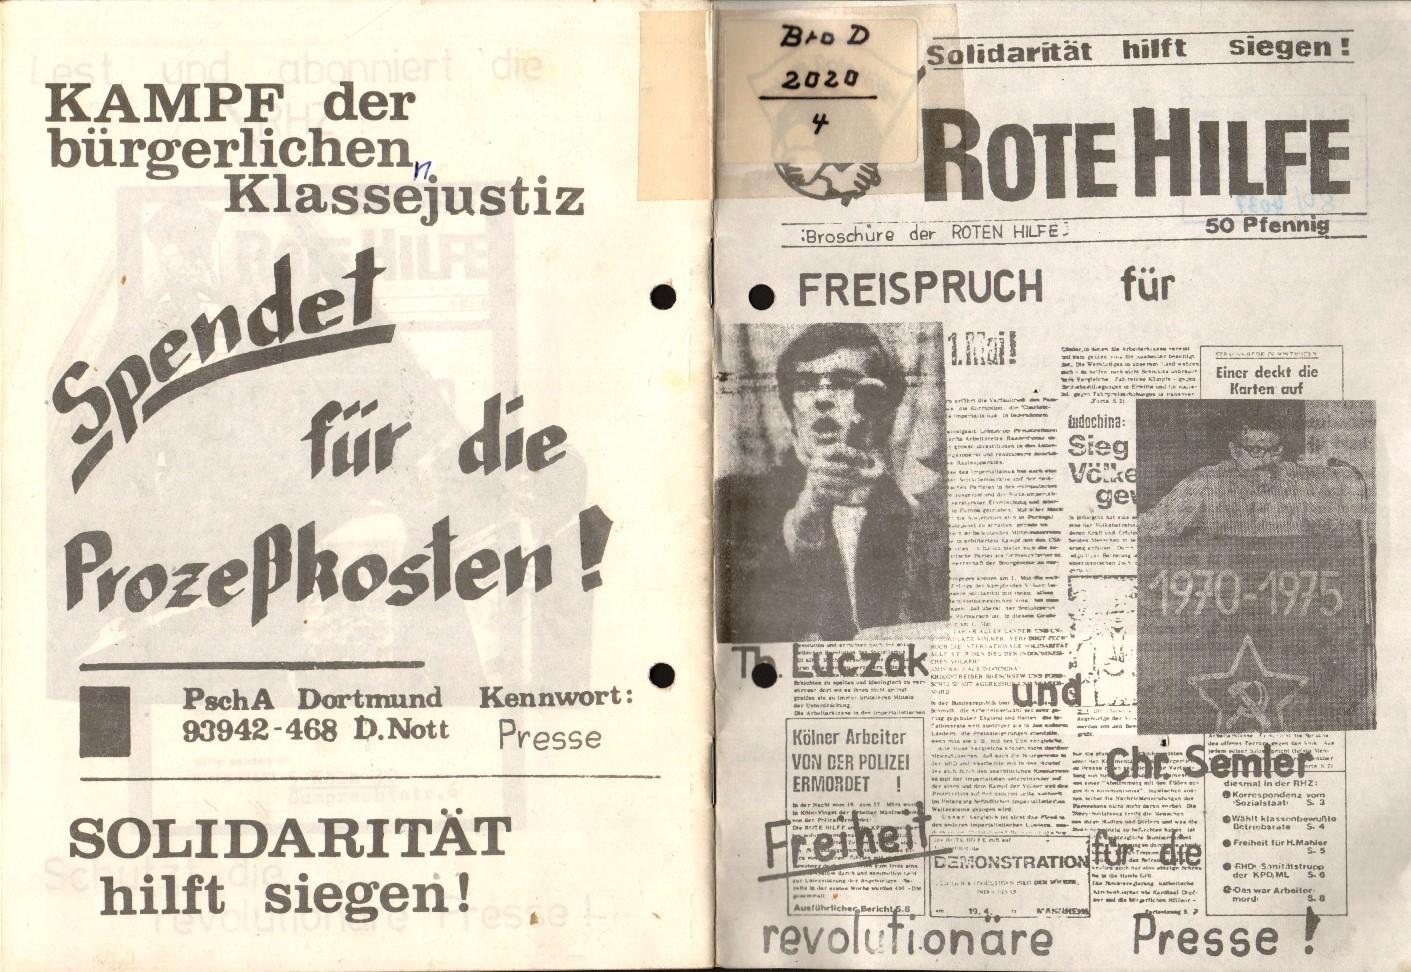 Dortmund_RH_1975_Freispruch_fuer_Luczak_und_Semler_01